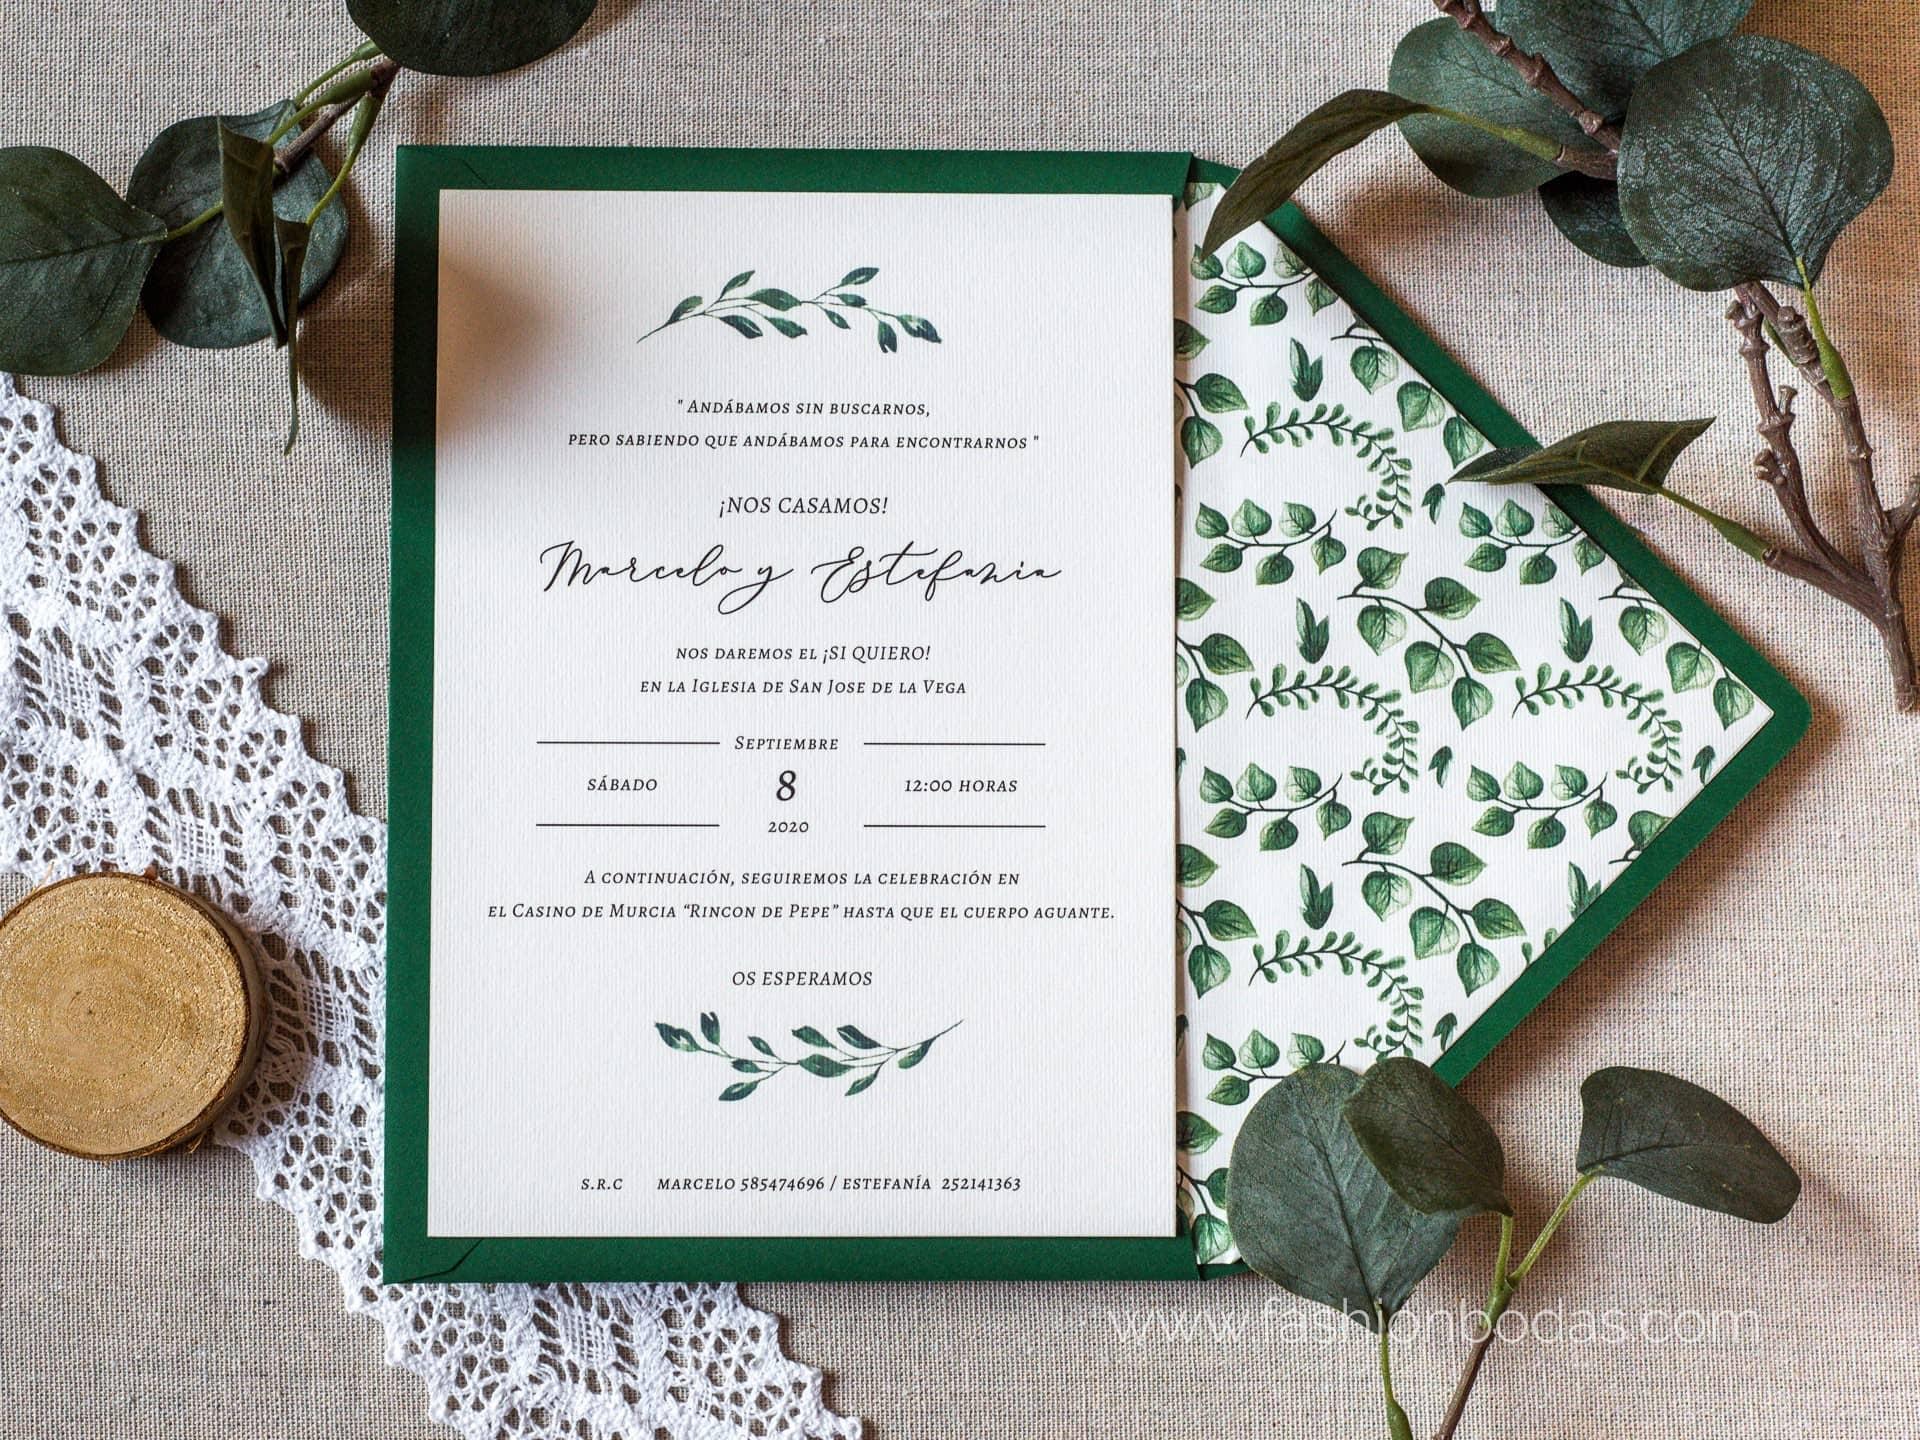 Invitación de boda - SENCILLA CON HOJAS VERDES